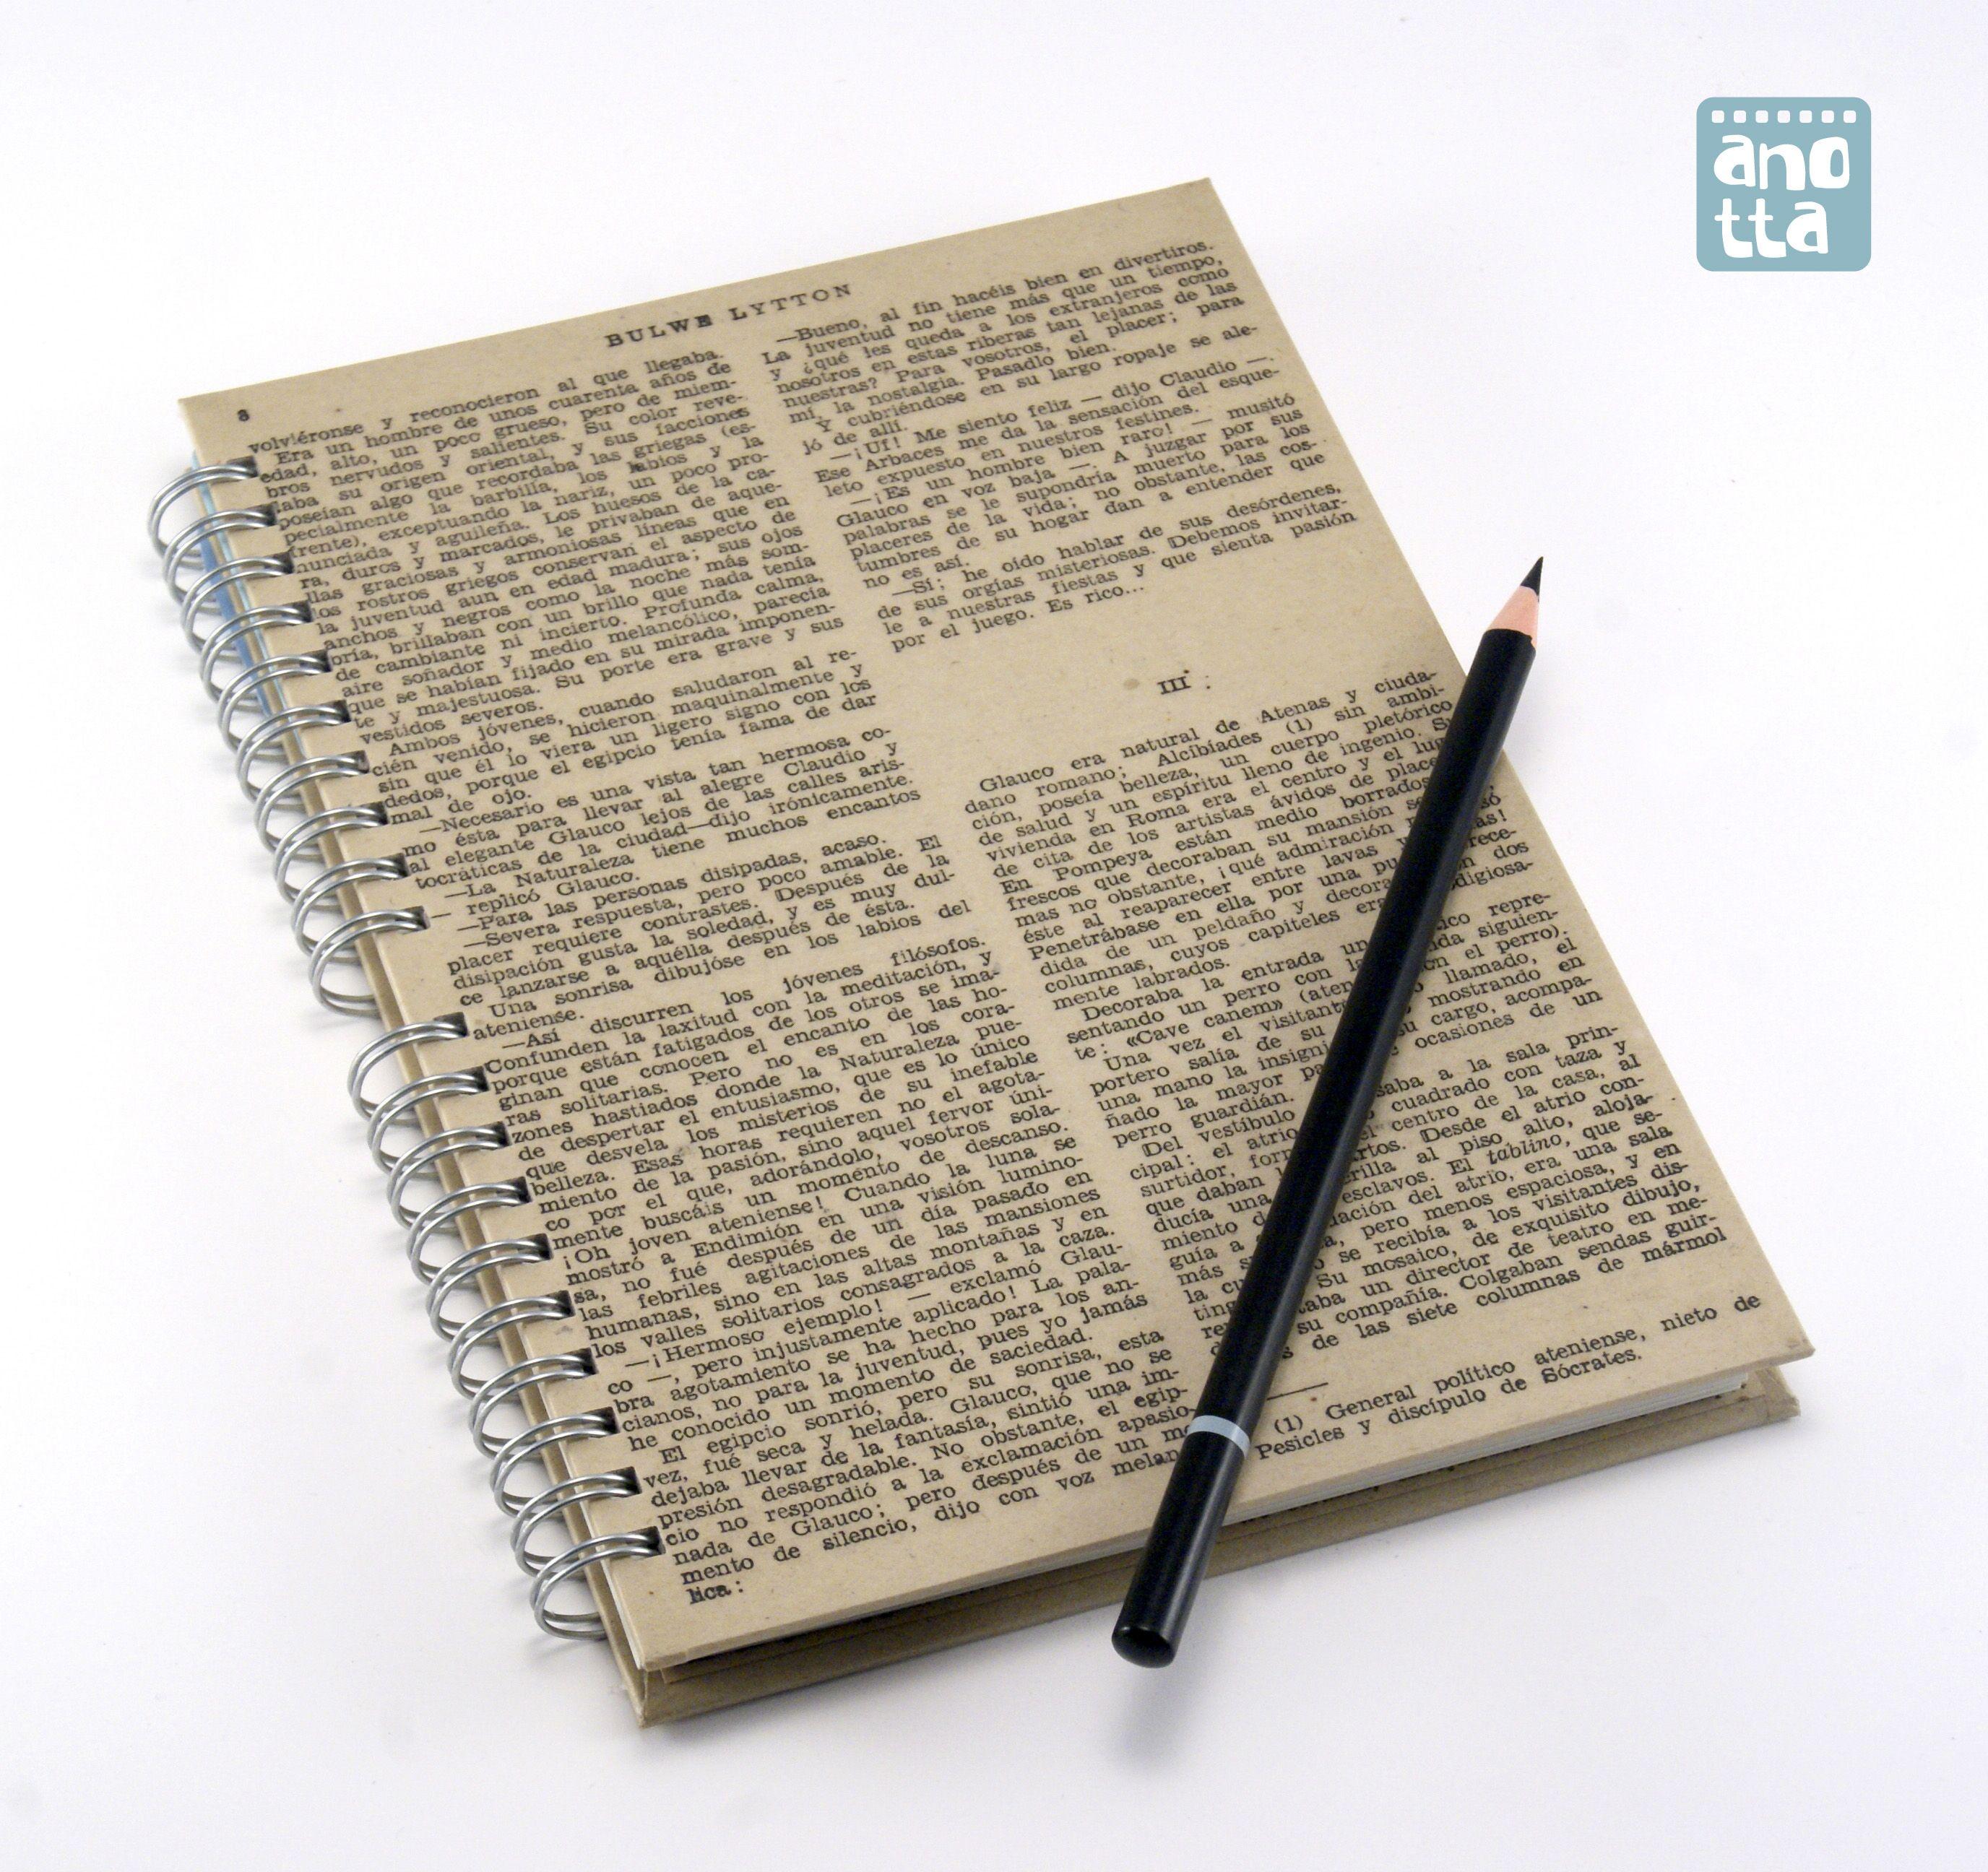 Libreta hecha a mano reciclando 4 páginas de un viejo ejemplar del libro «Los últimos días de Pompeya»